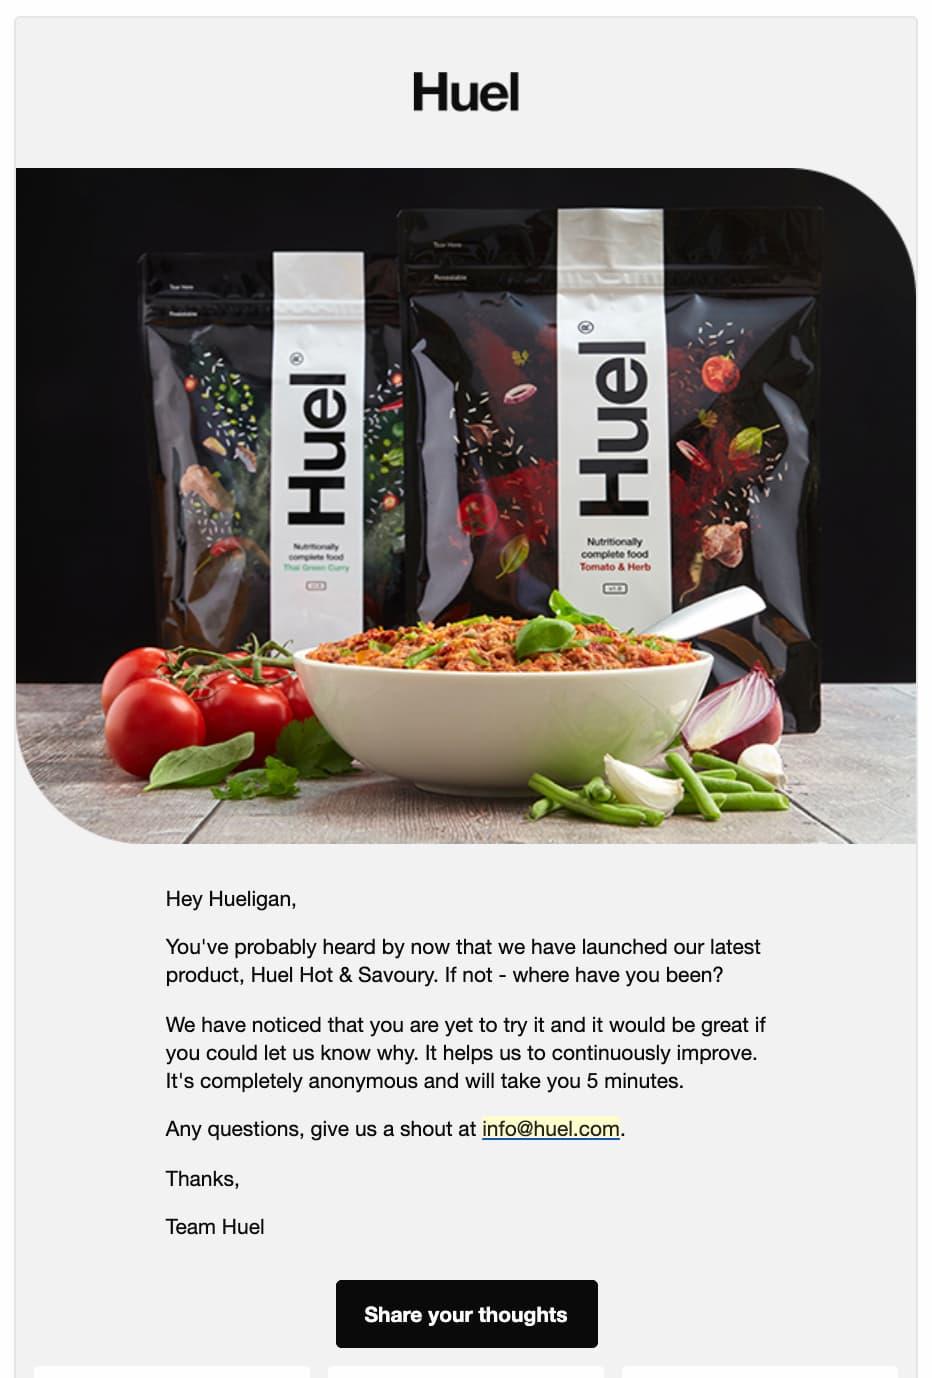 персонализированная рассылка от Huel с блюдом, помиродами и зеленью